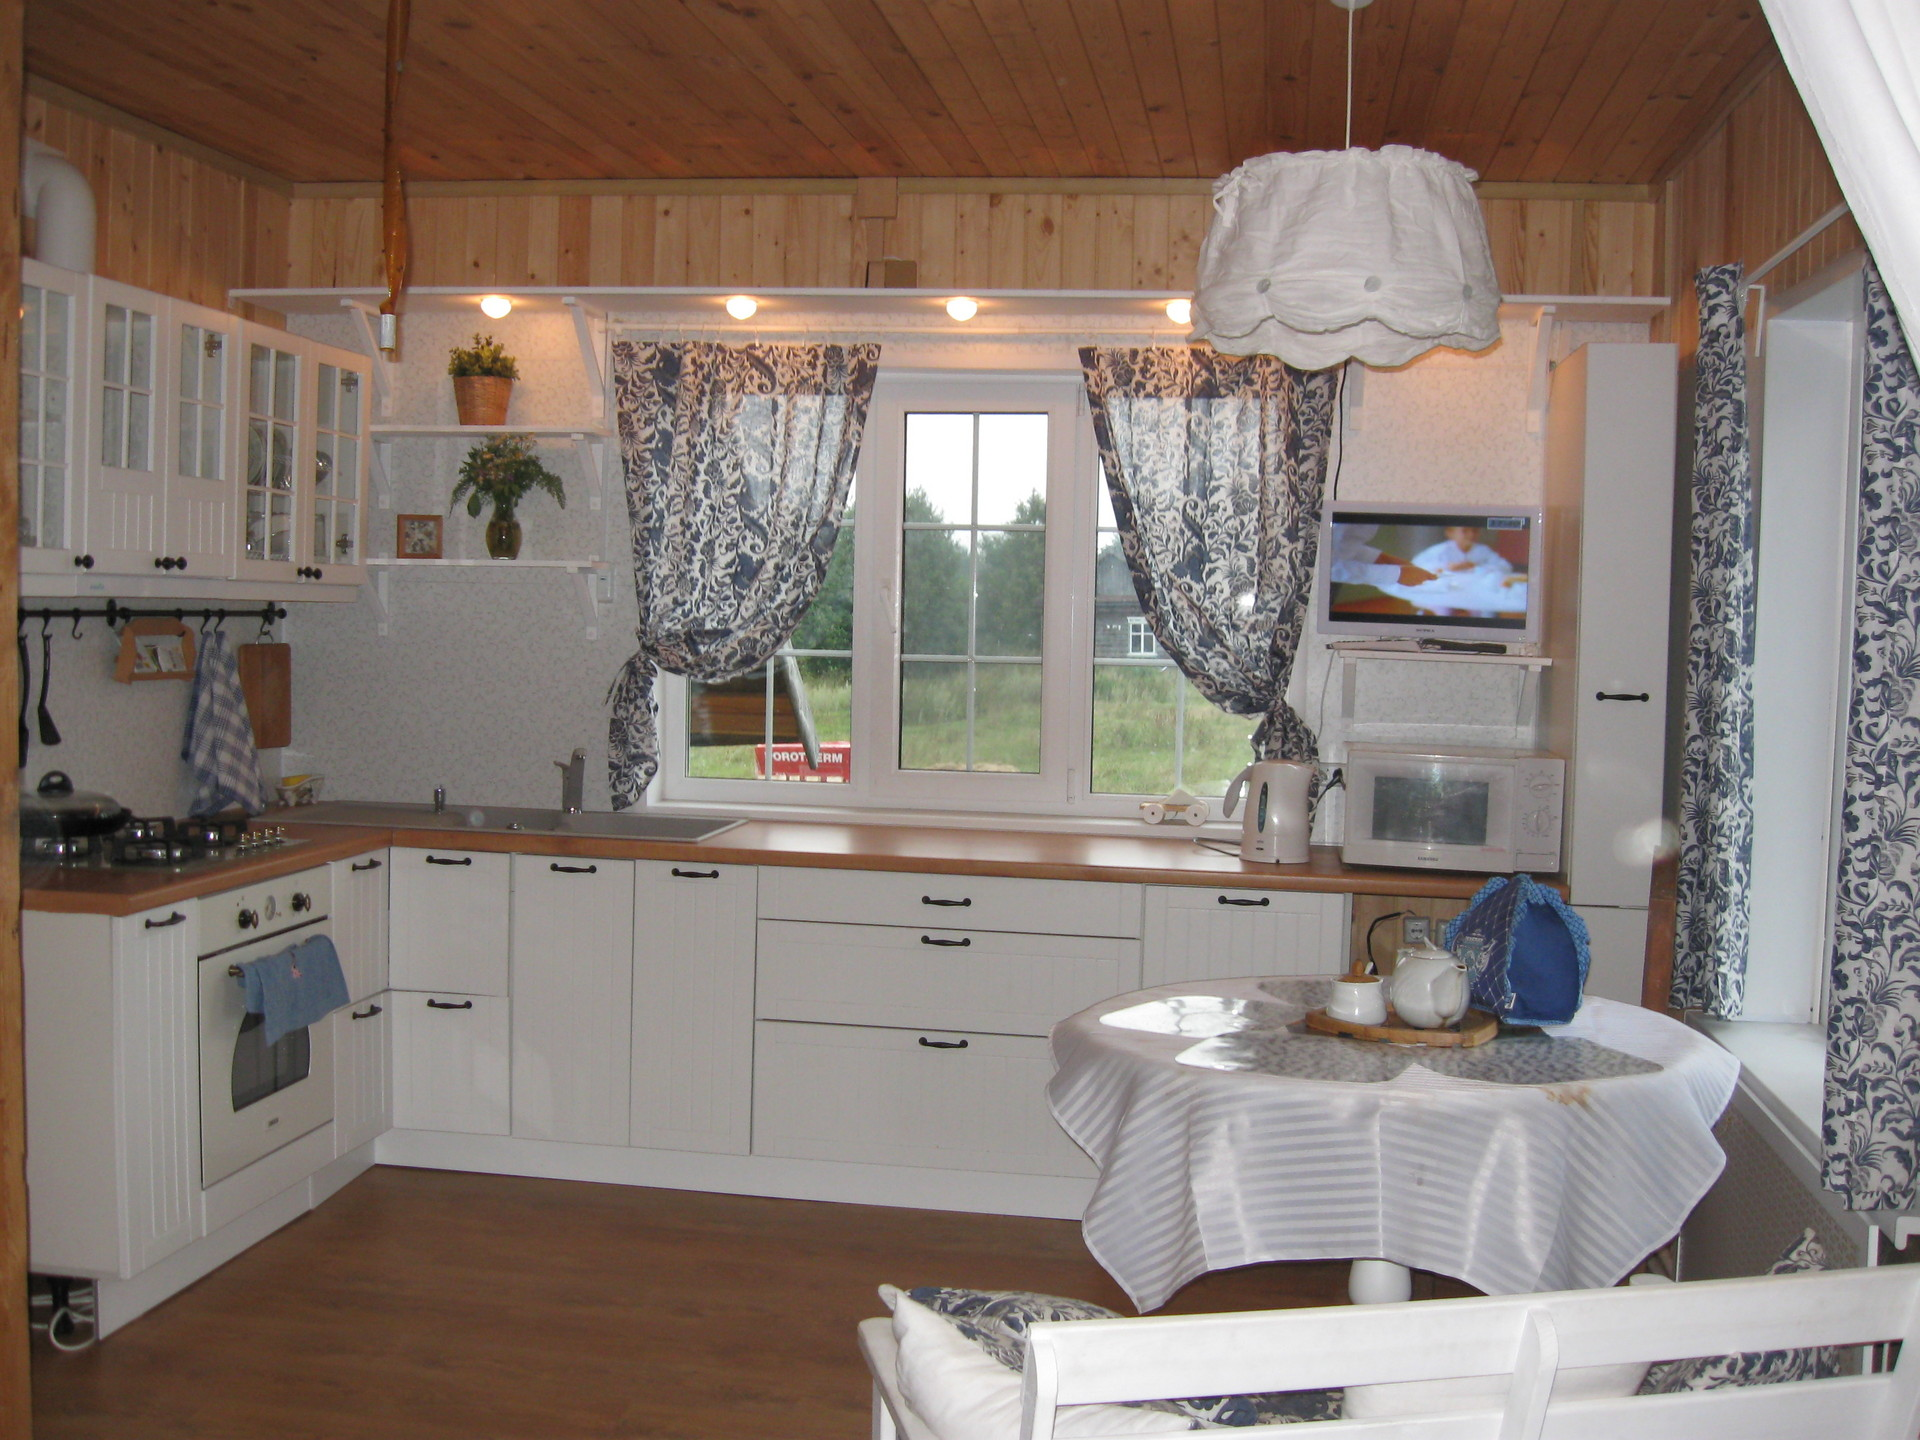 Интерьер маленькой кухни своими руками в частном доме